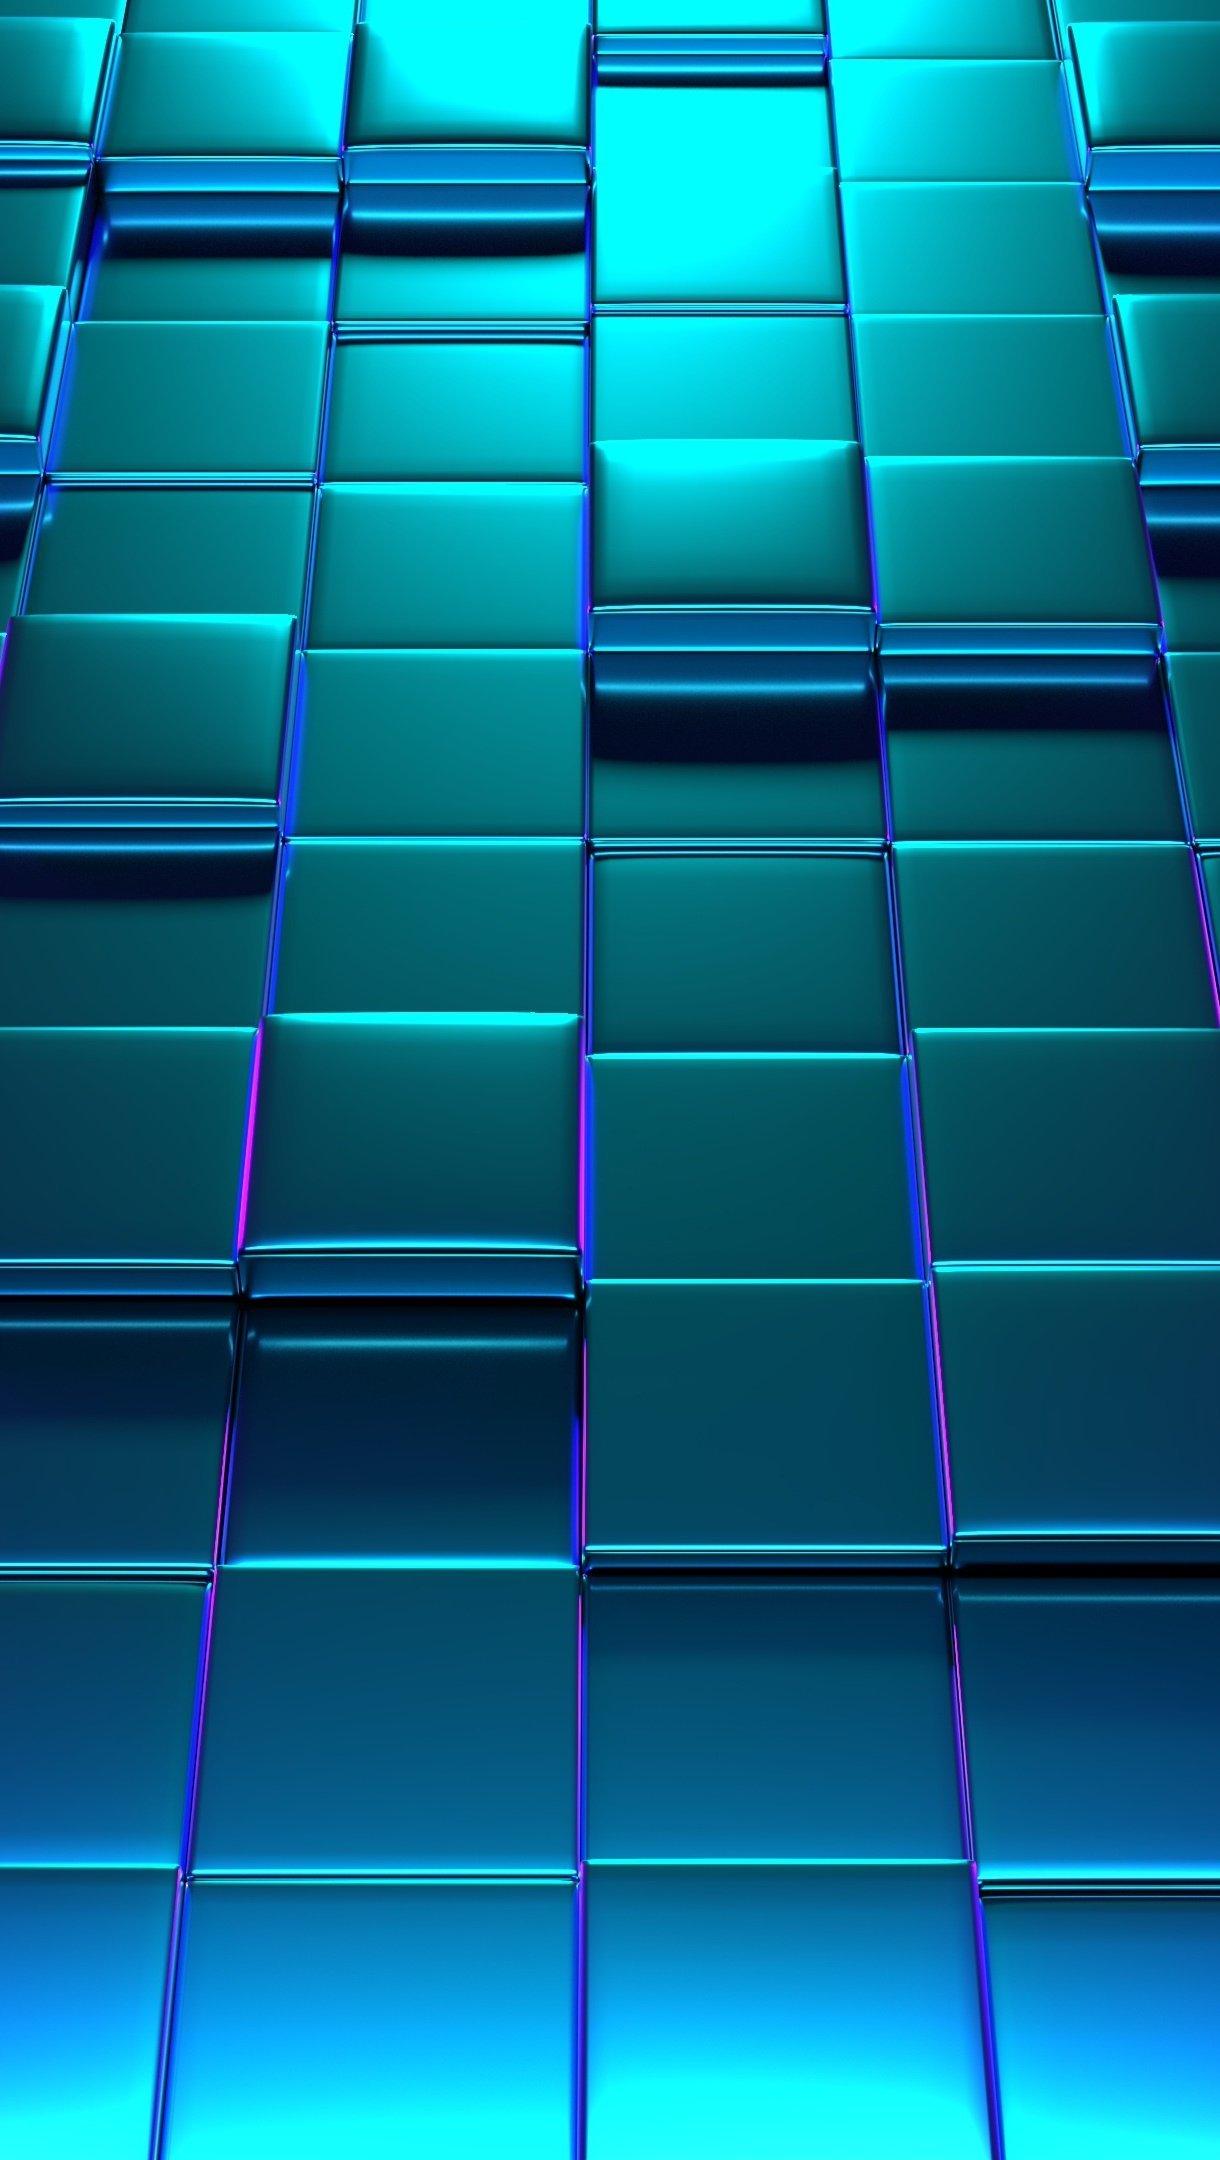 Fondos de pantalla Patrón de cubos 3D iluminación neón Vertical